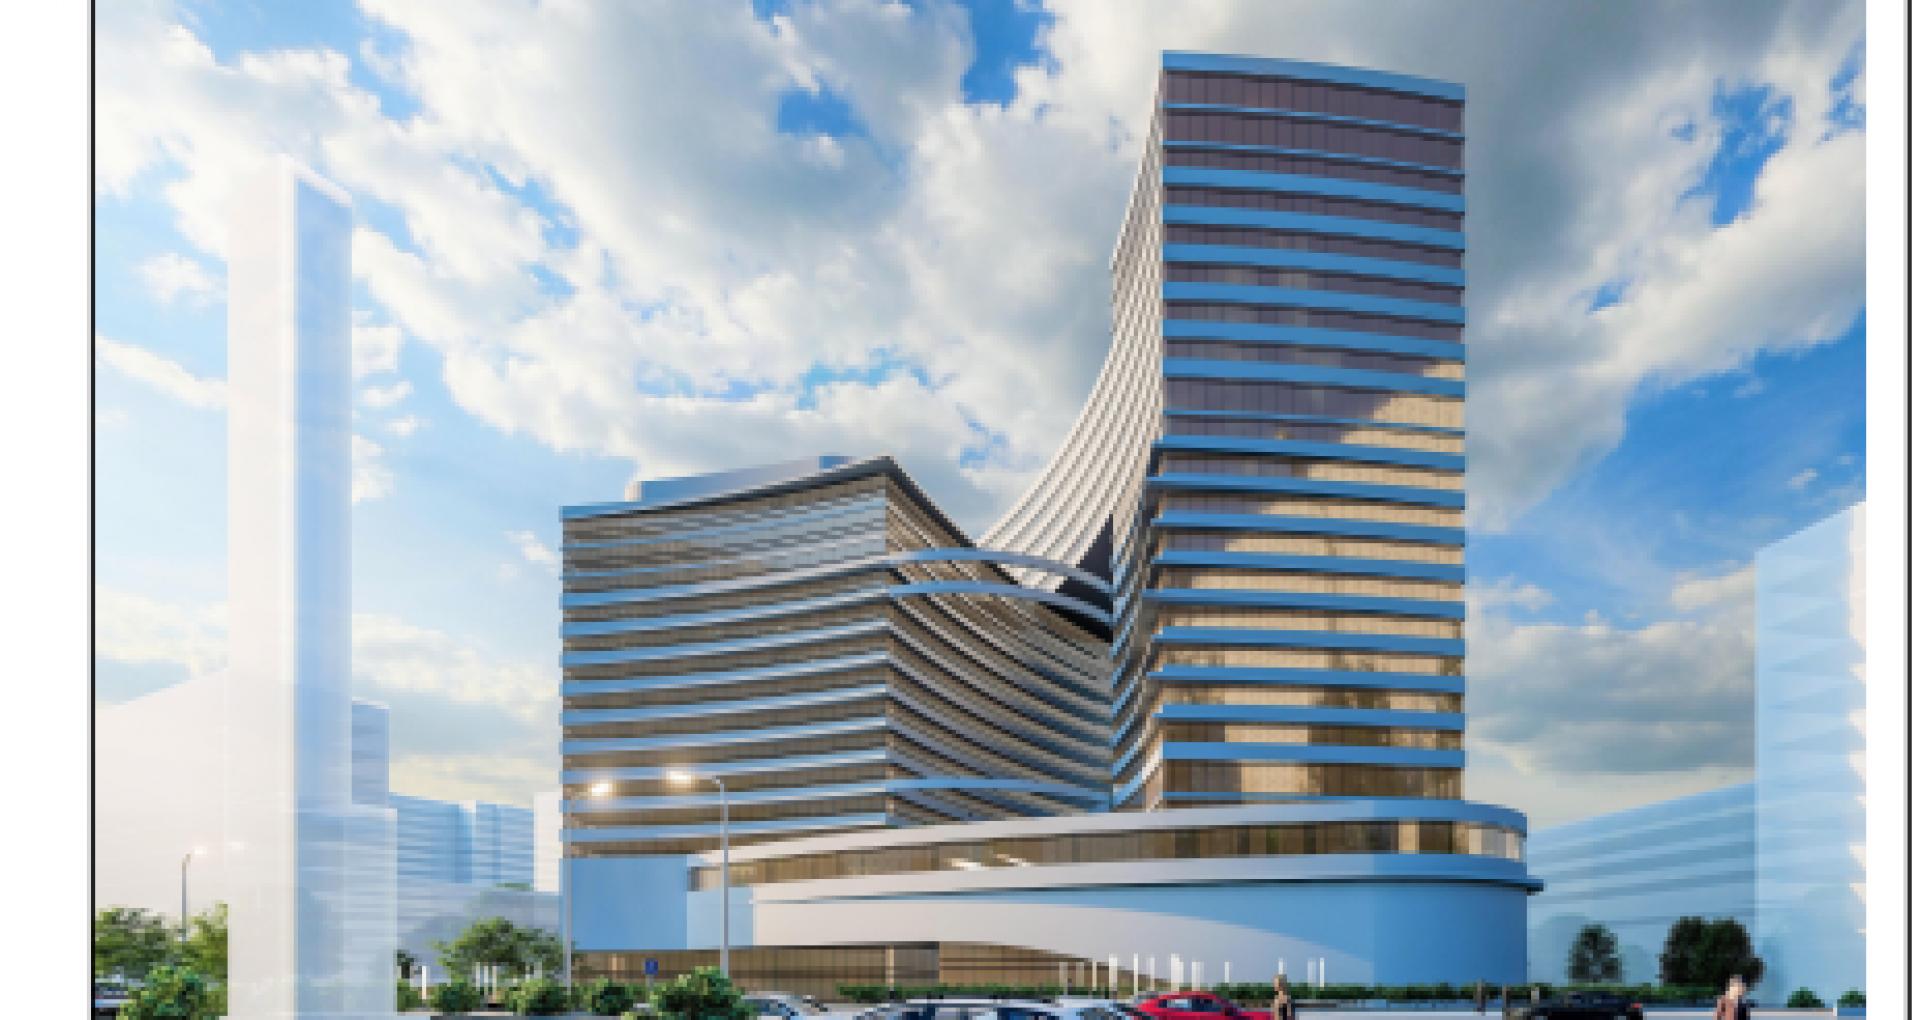 FOTO, DOC/ Consultări publice asupra proiectului care prevede construcția unui complex multifuncțional în locul Hotelului Național. Cum ar putea arăta obiectivul